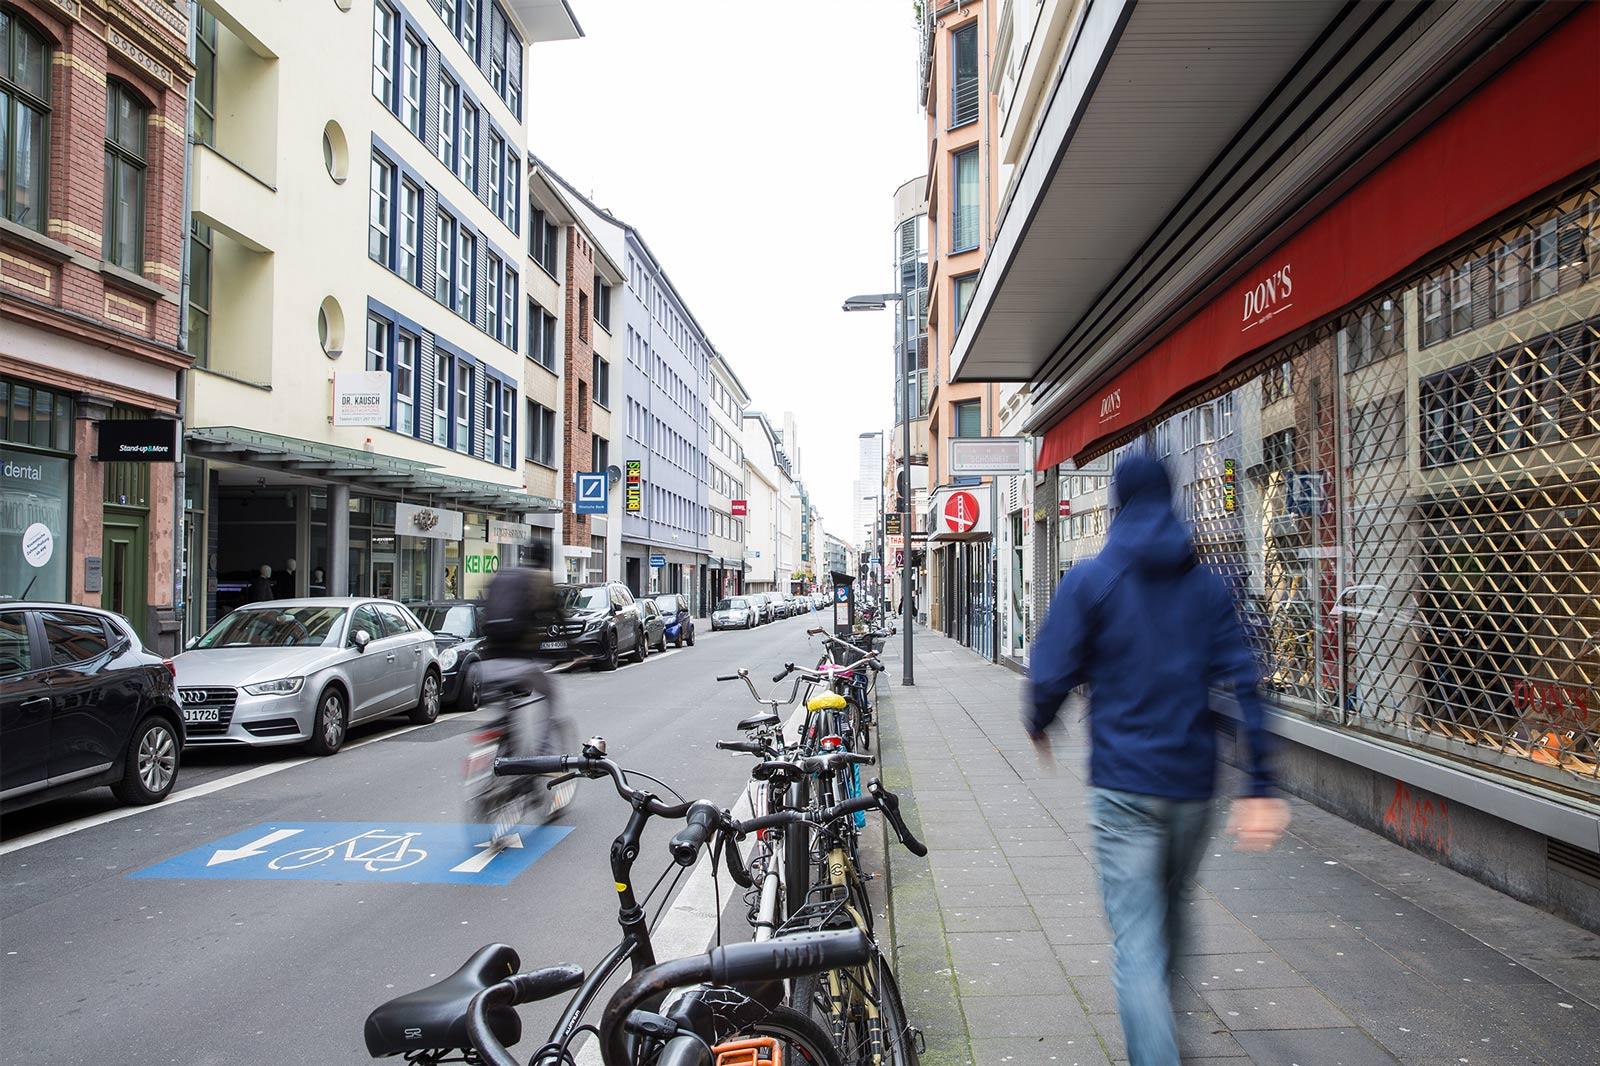 Eine Fahrradstraße im Stadtinneren. Rechts und links sind Gebäude und geparkte Autos und Räder.